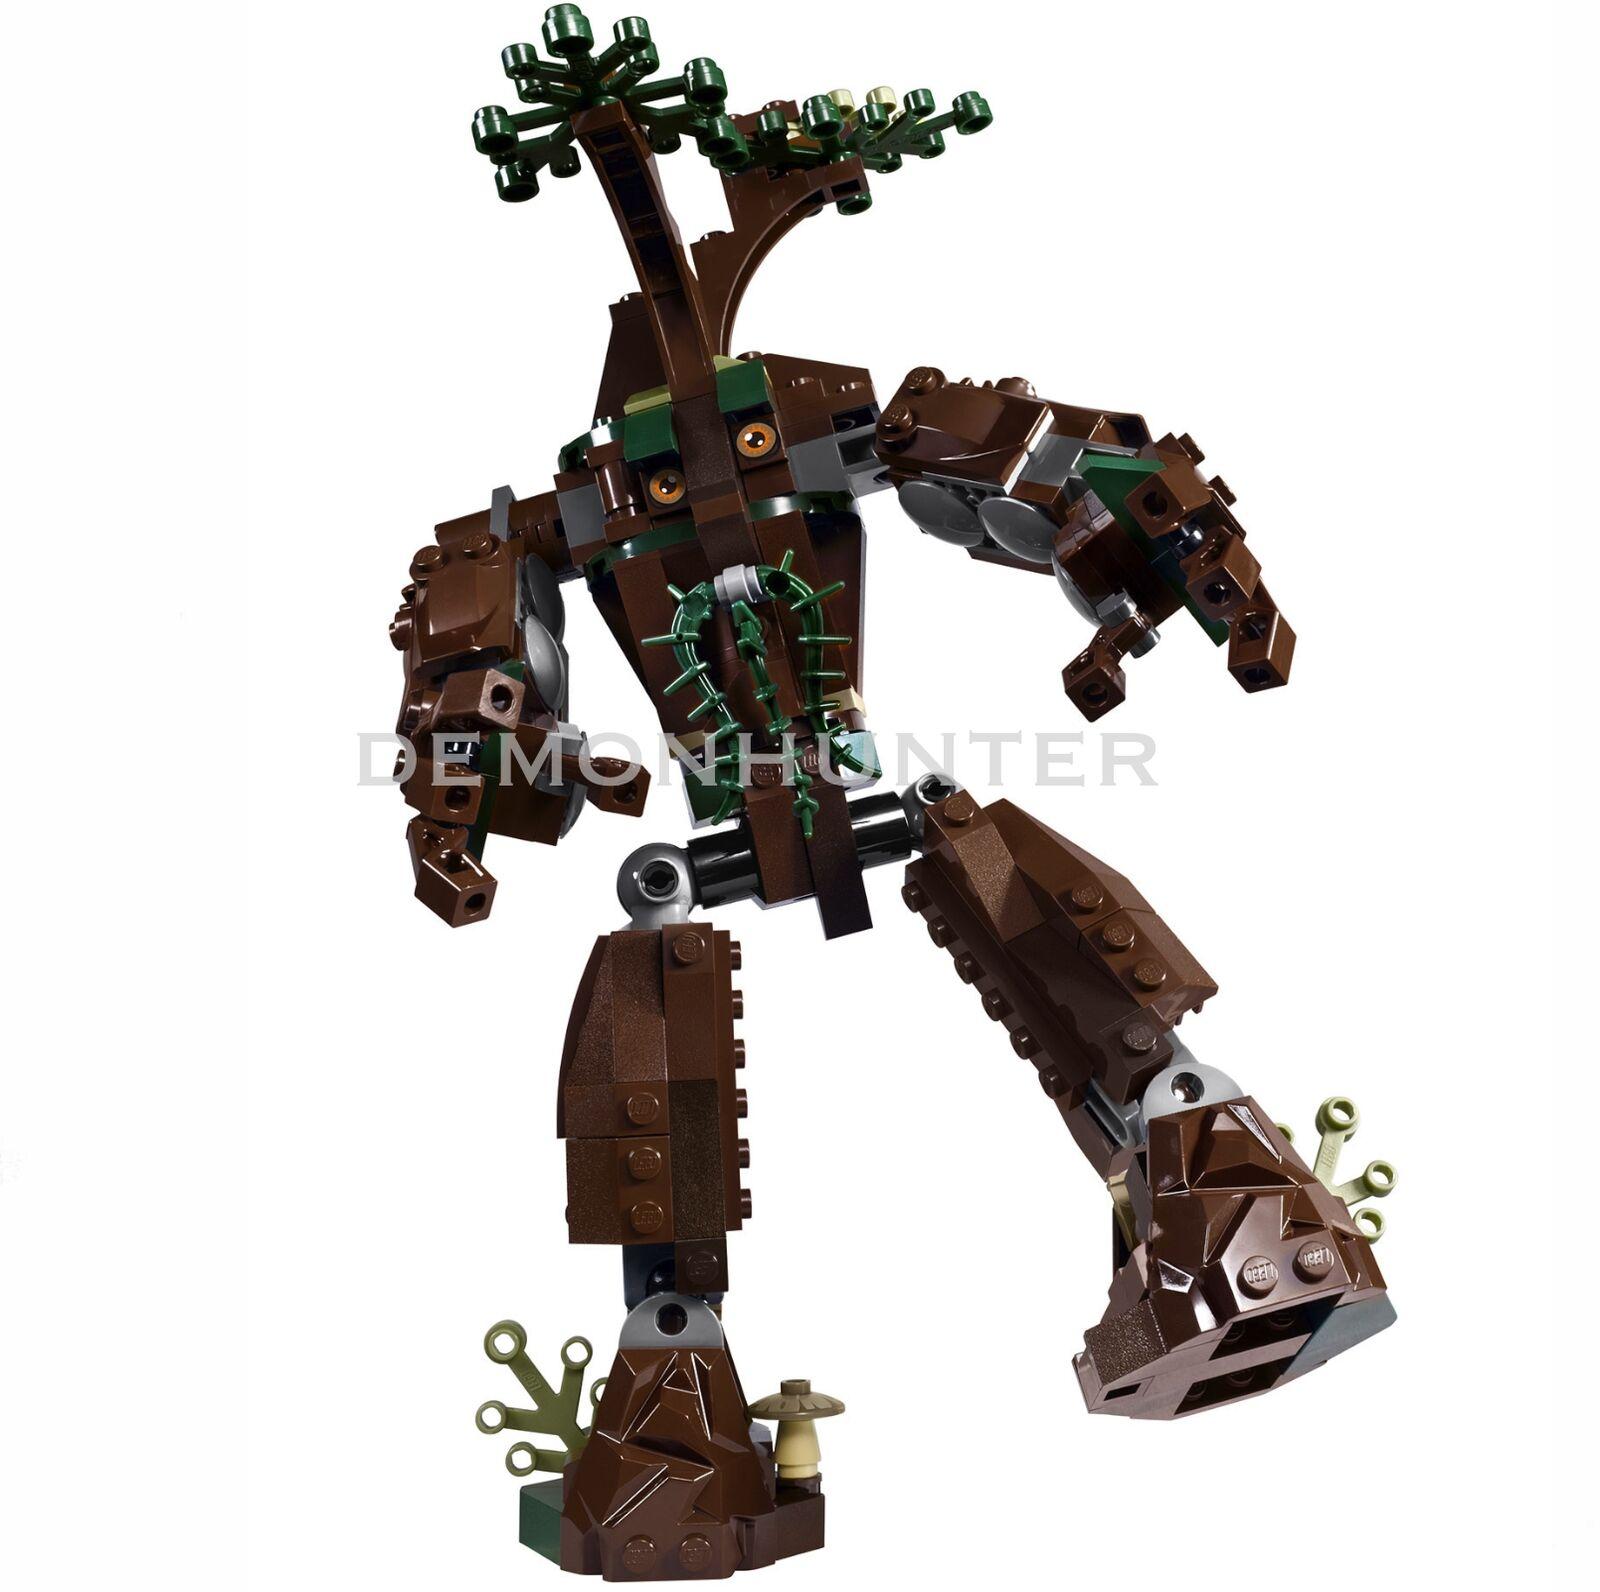 Lego Herr der Ringe - Treebeard Ent von 10237   die Tower von Orthanc